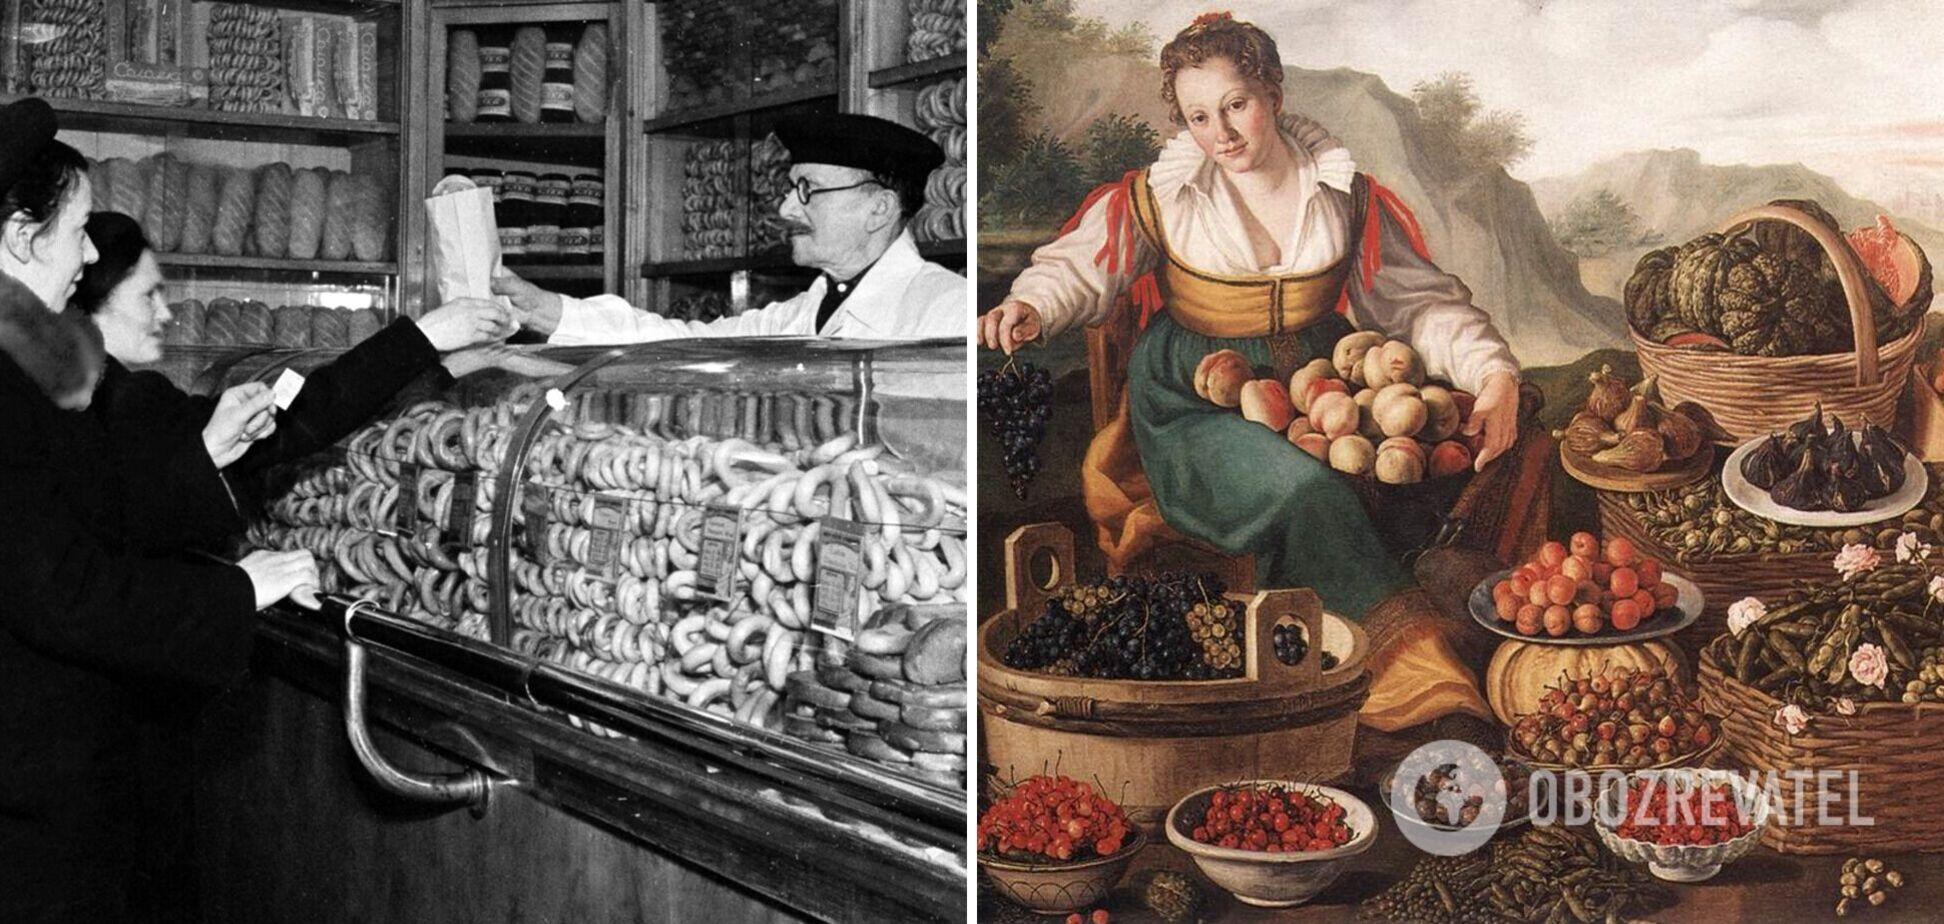 ТОП-5 популярных блюд из прошлого столетия, которые можно приготовить дома